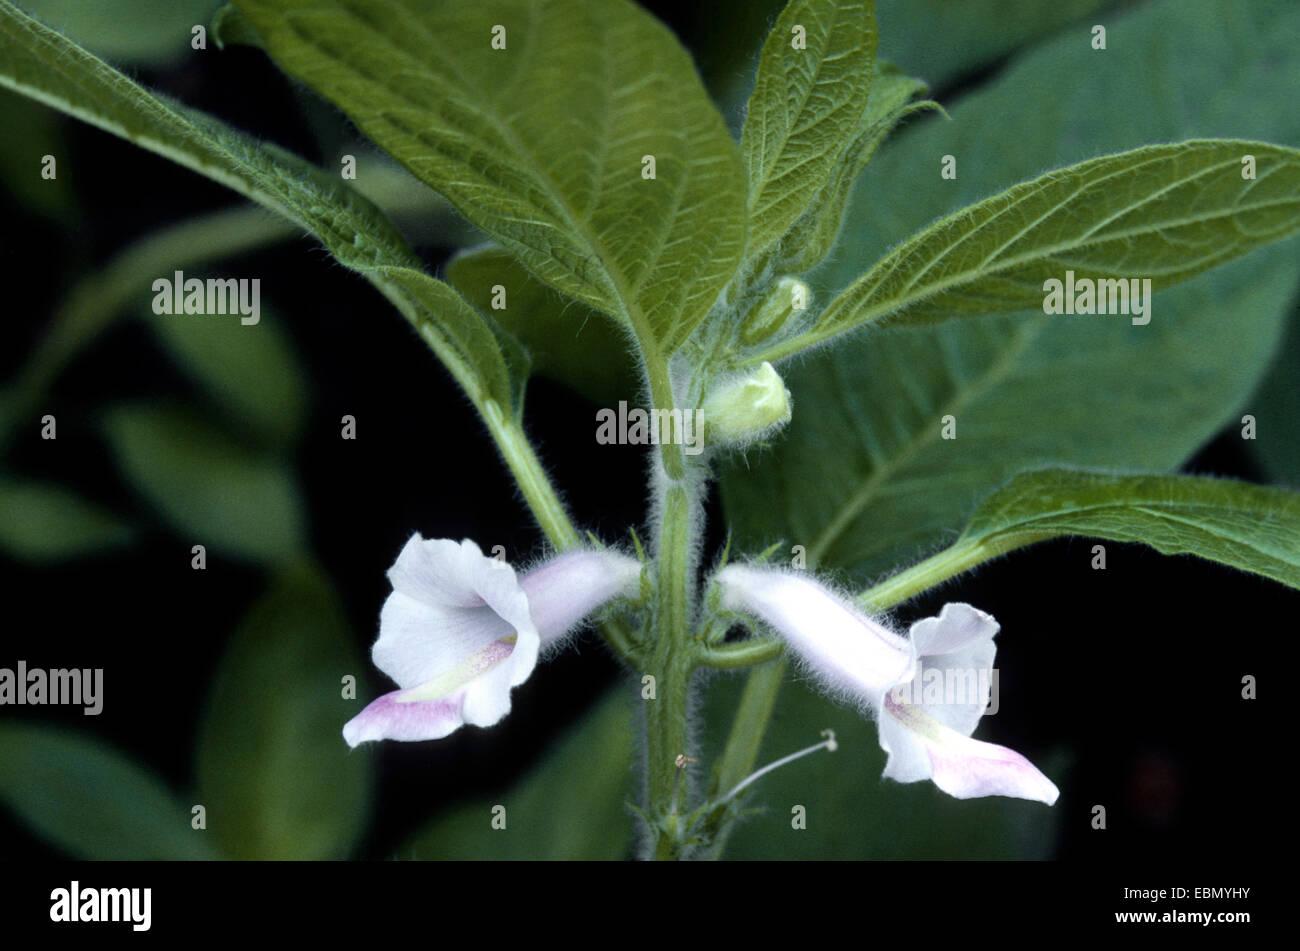 sesamum, sesame (Sesamum indicum), blooming plant Stock Photo